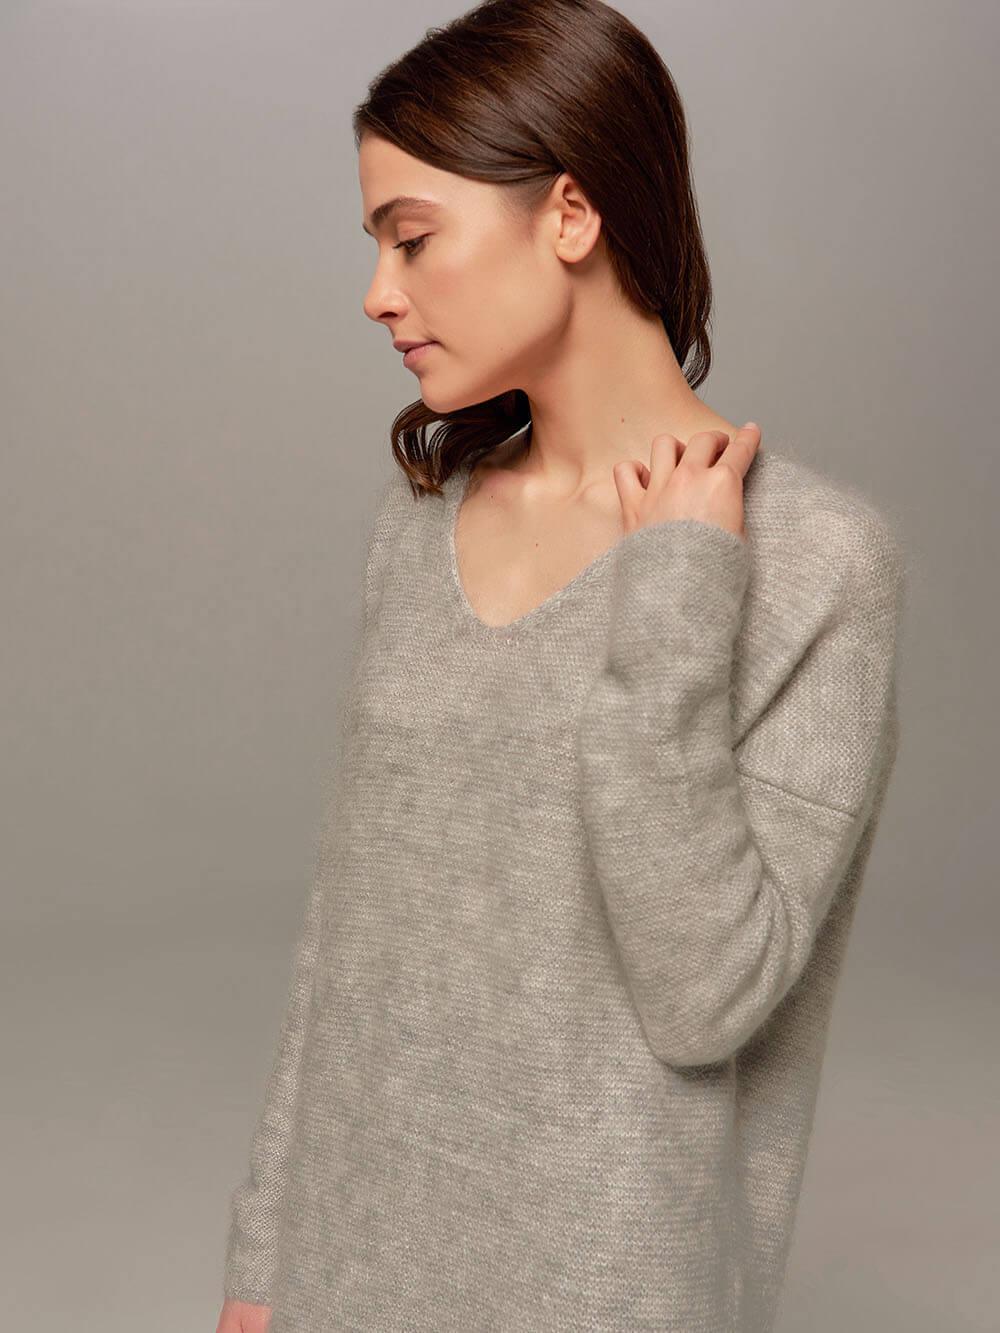 Женский удлиненный джемпер светло-серого цвета с V-образным вырезом - фото 1